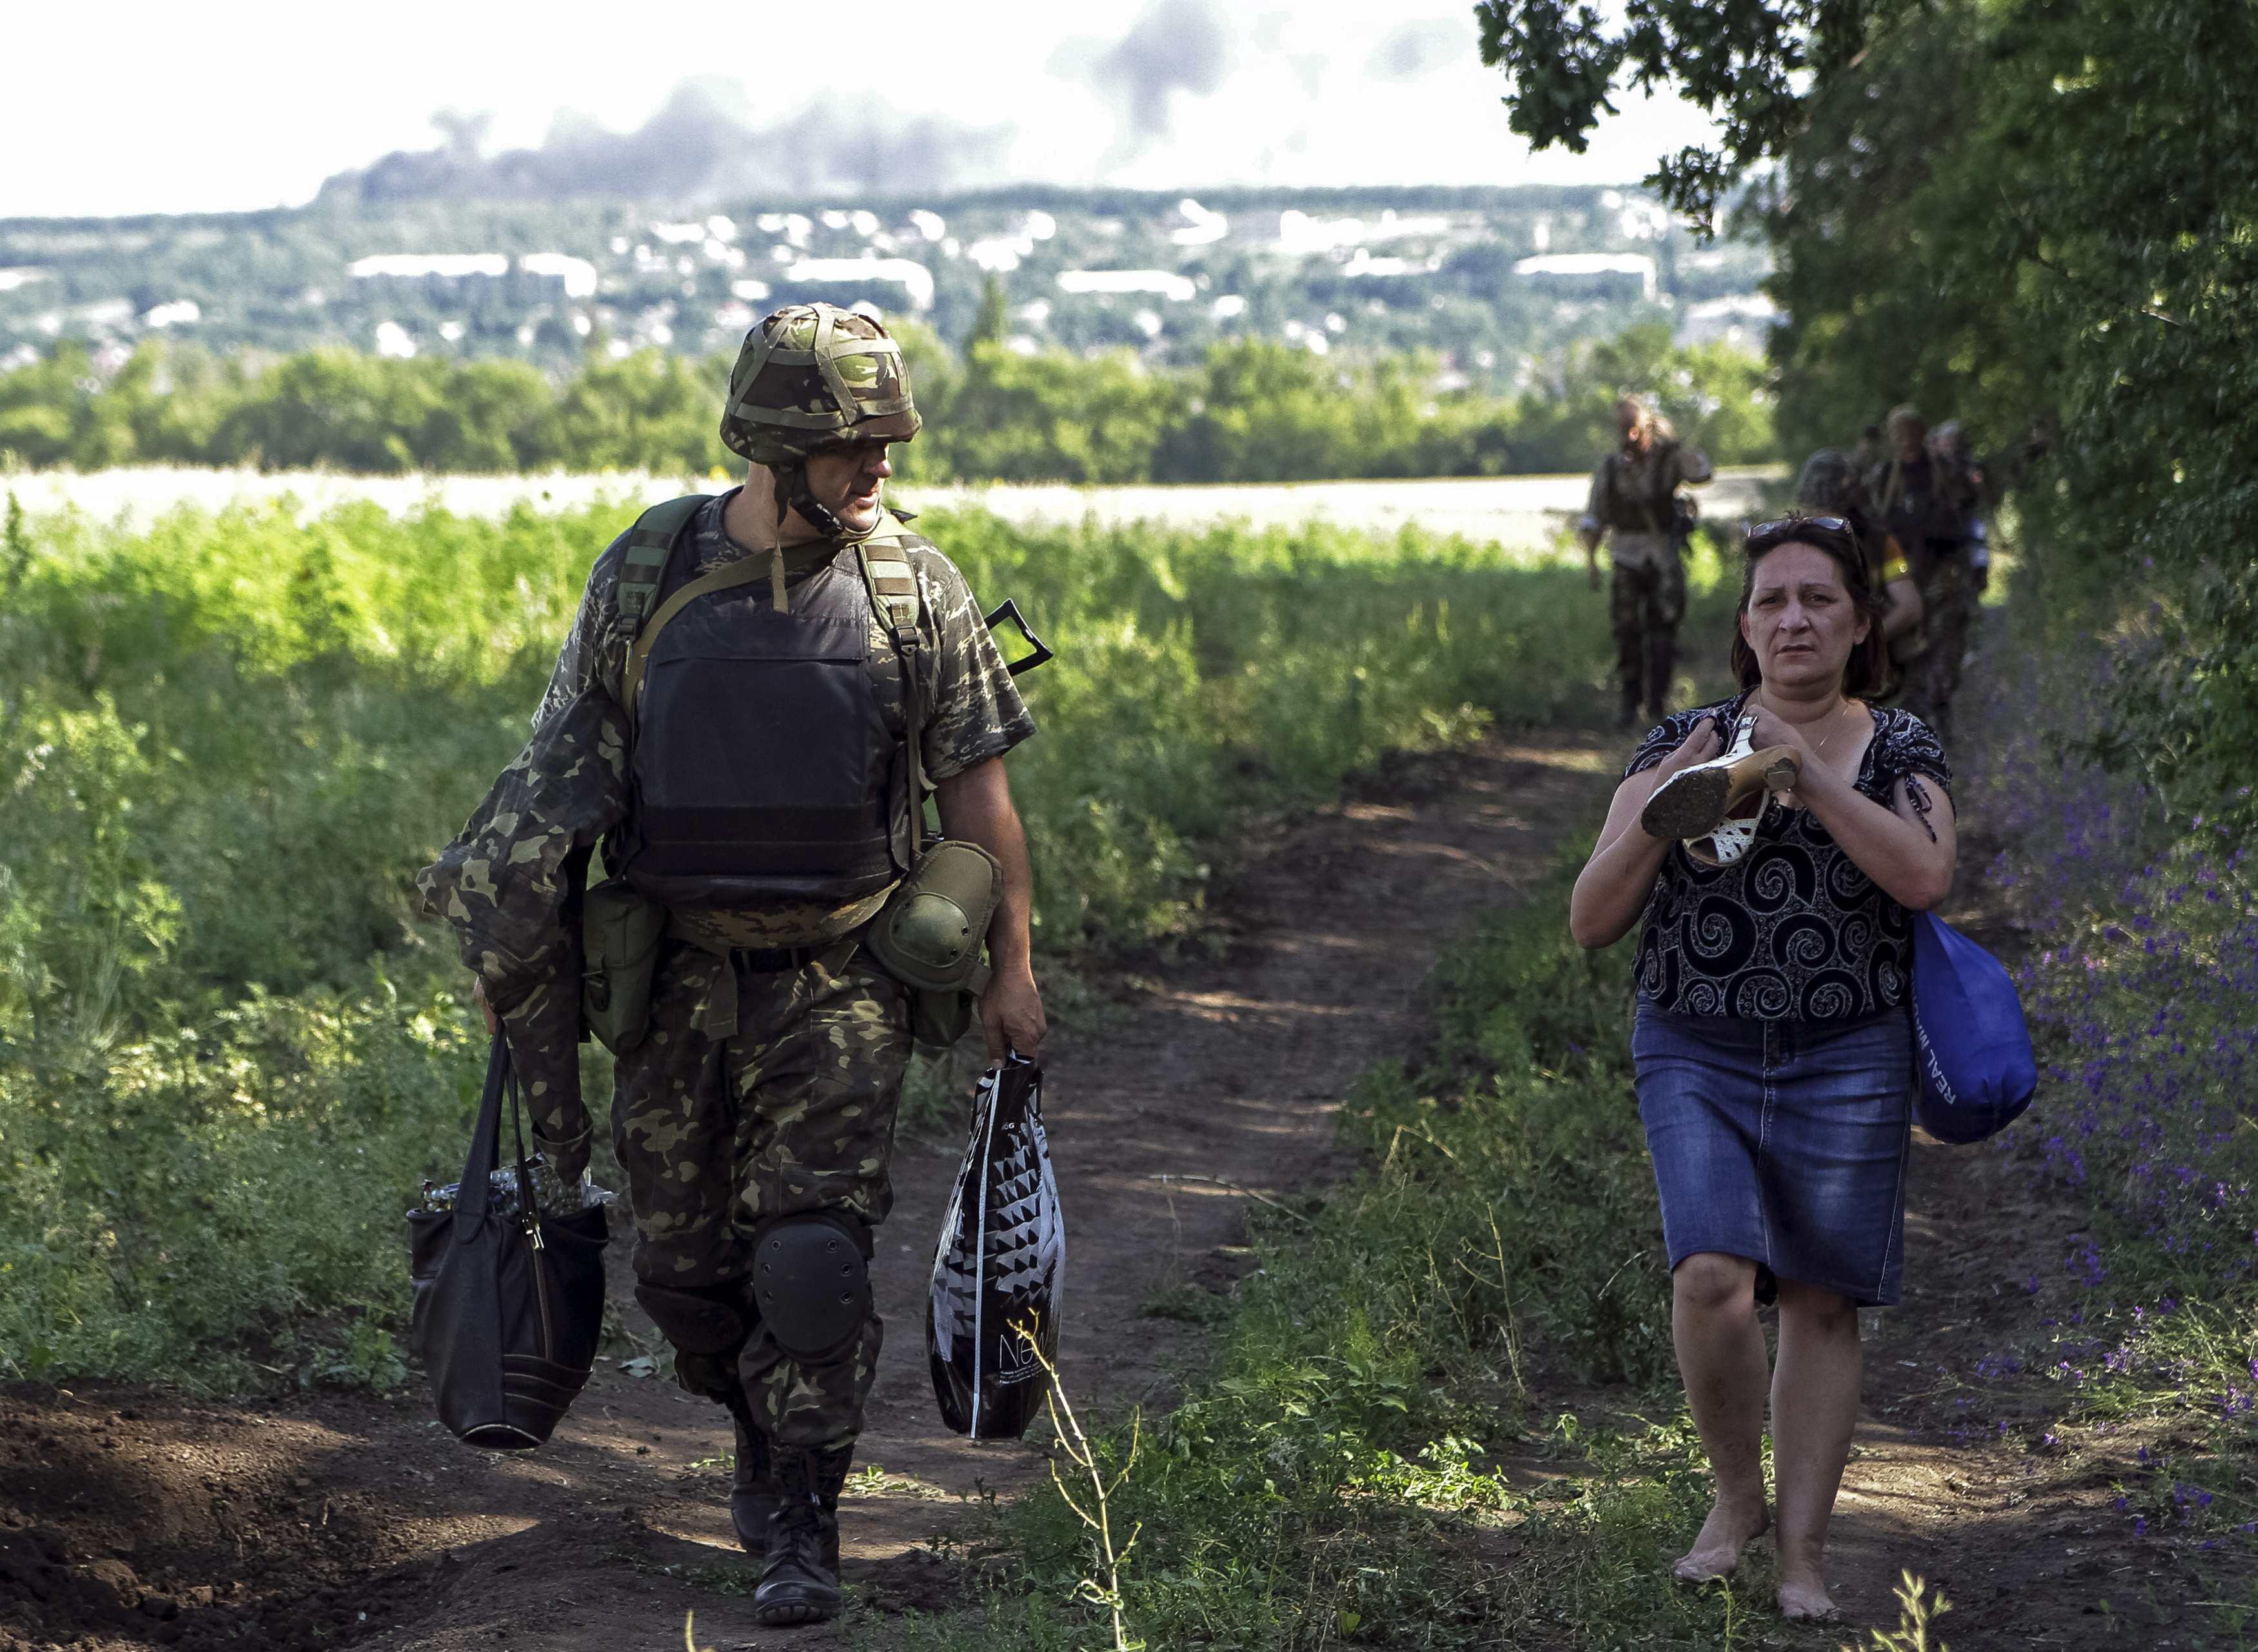 Украинский военный помогает беженцам уйти из зоны конфликта